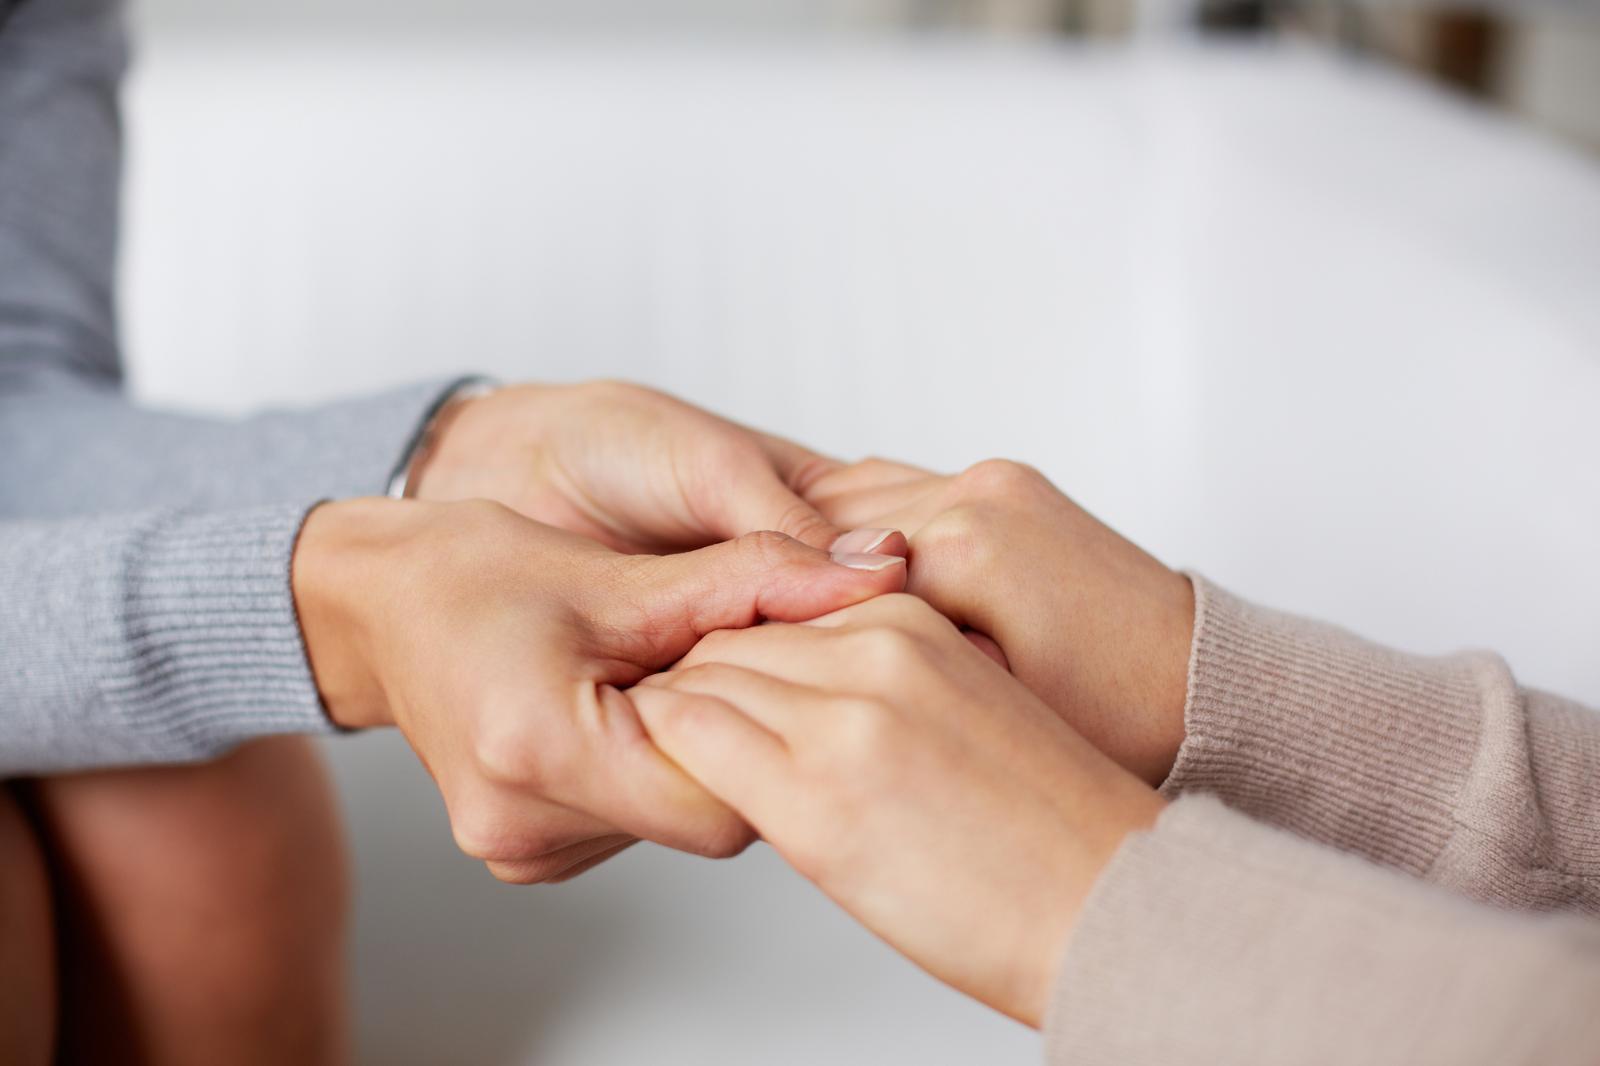 Социальный онлайн-проект «STOP коронавирус» поможет пережить карантин и личностный кризис